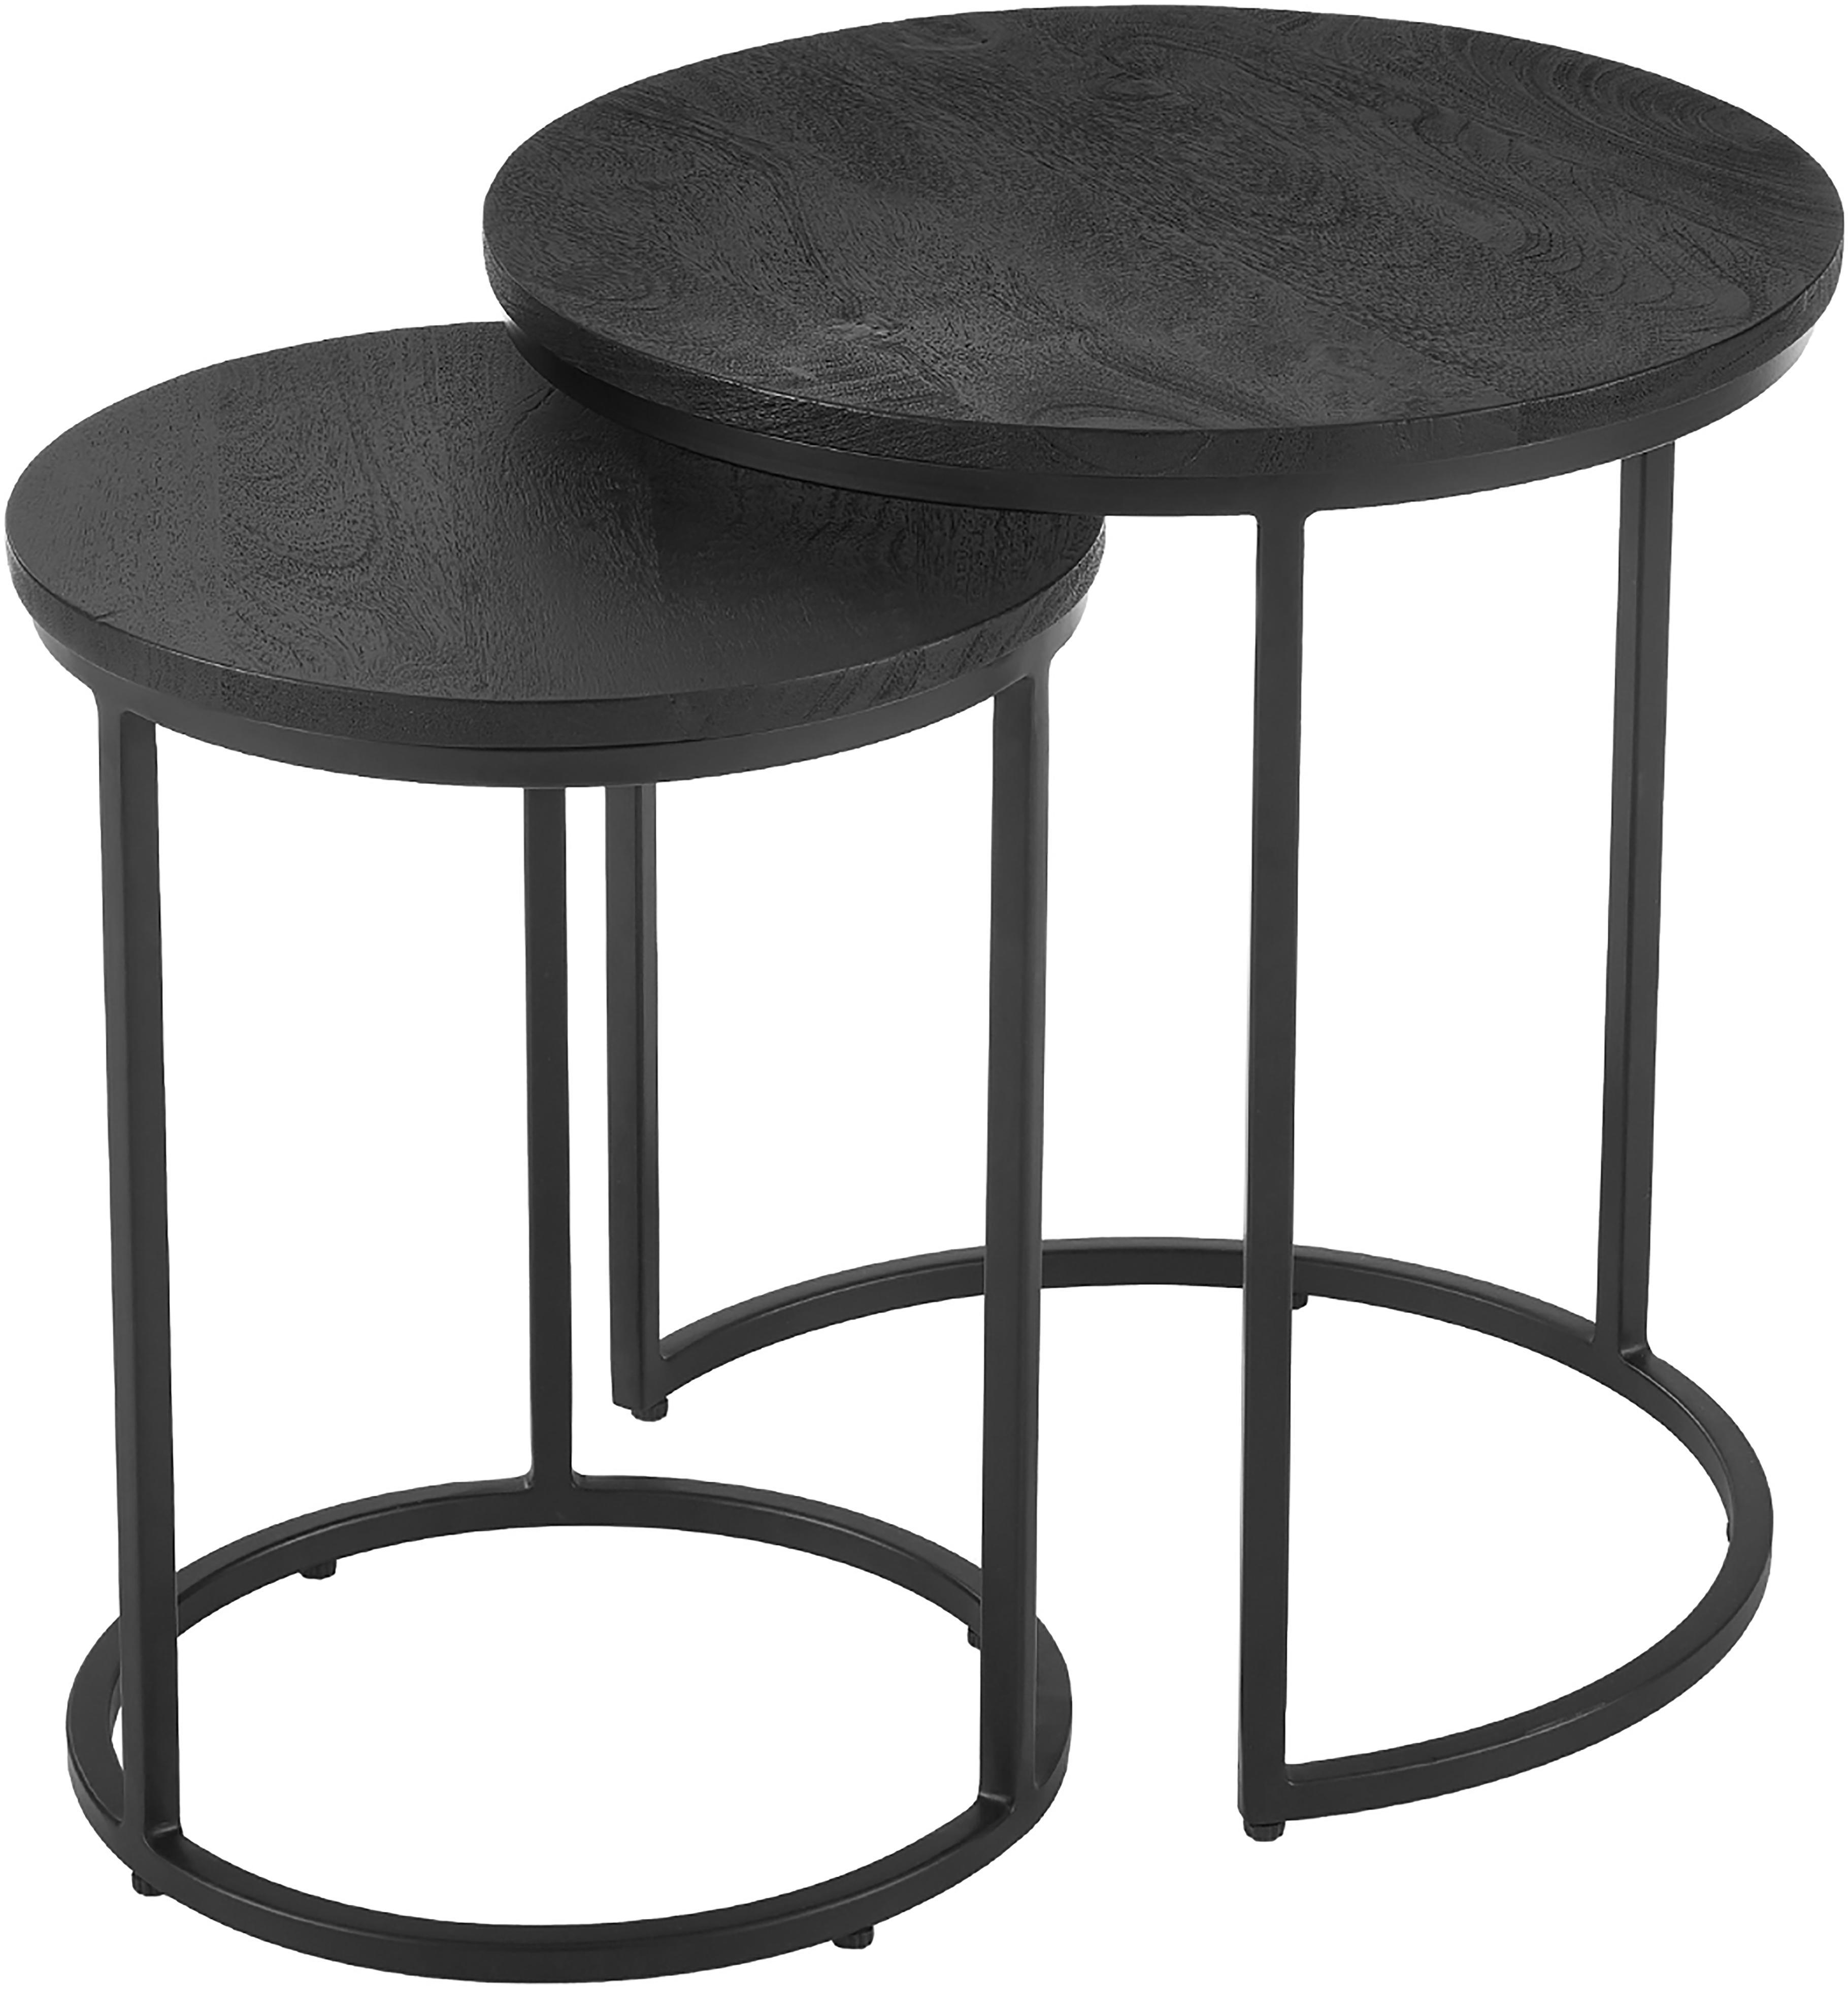 Schwarzes Beistelltisch 2er-Set Andrew, Tischplatten: Mangoholz, schwarz lackiertGestelle: Schwarz, matt, Sondergrößen